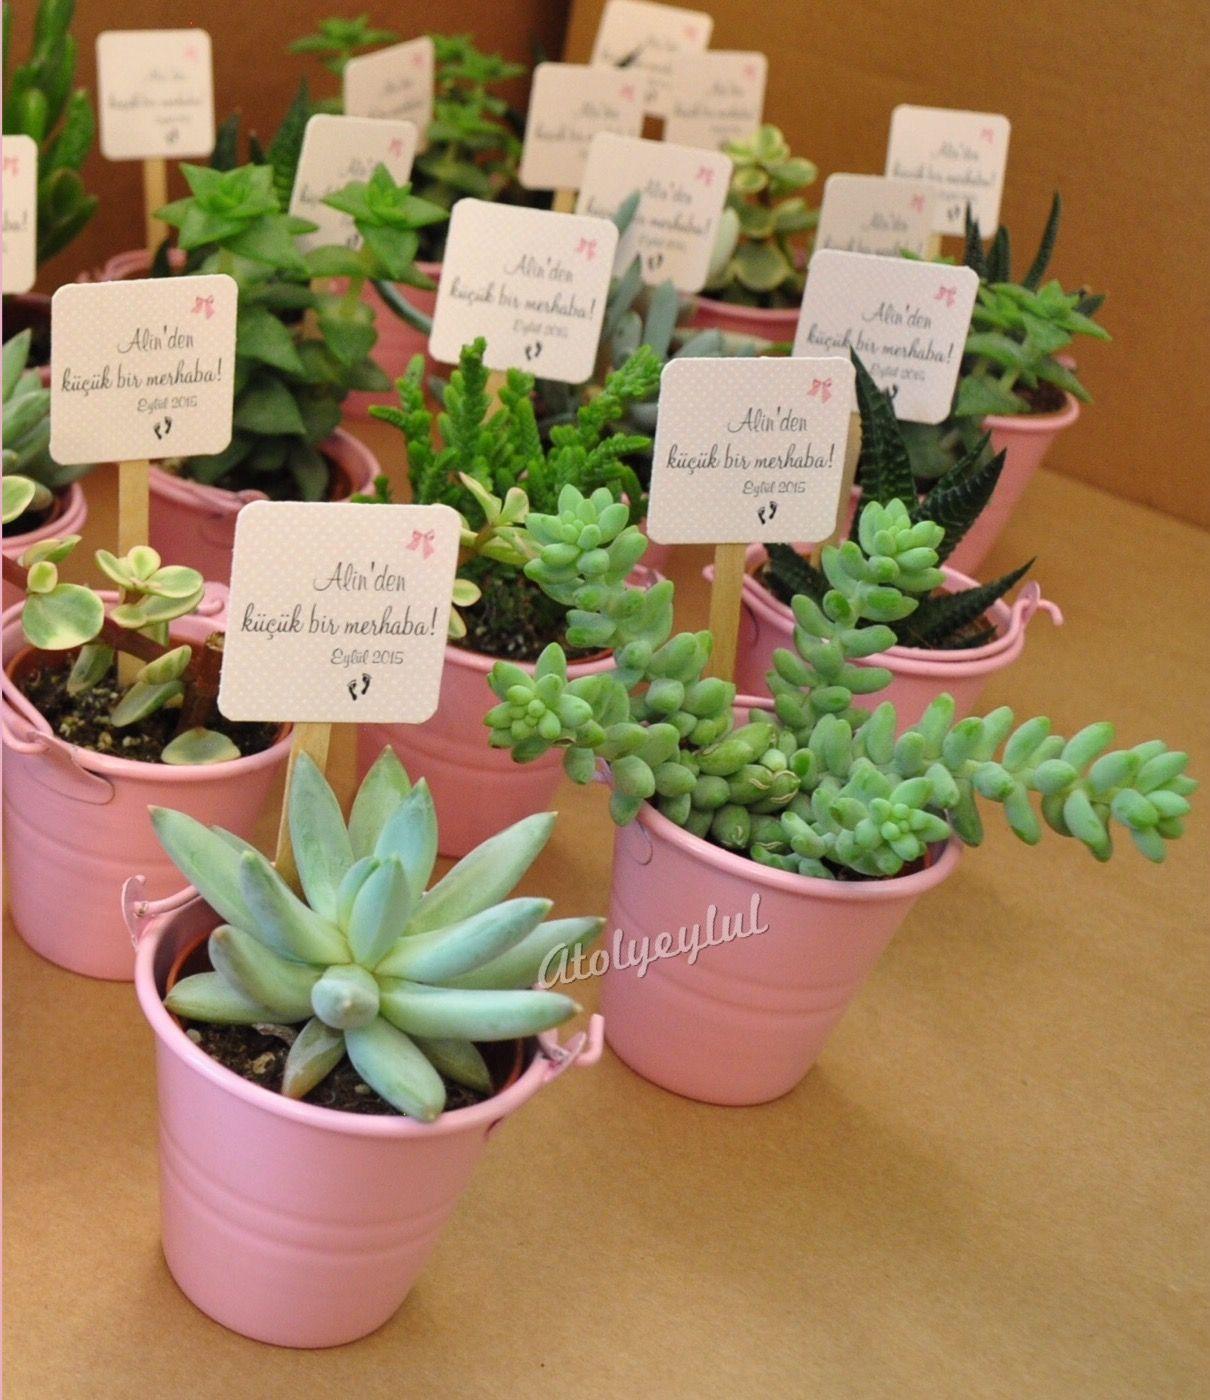 Recuerdos De Bautizo Con Cactus.Mini Sukulent Mini Succulent Kaktus Cactus Wedding